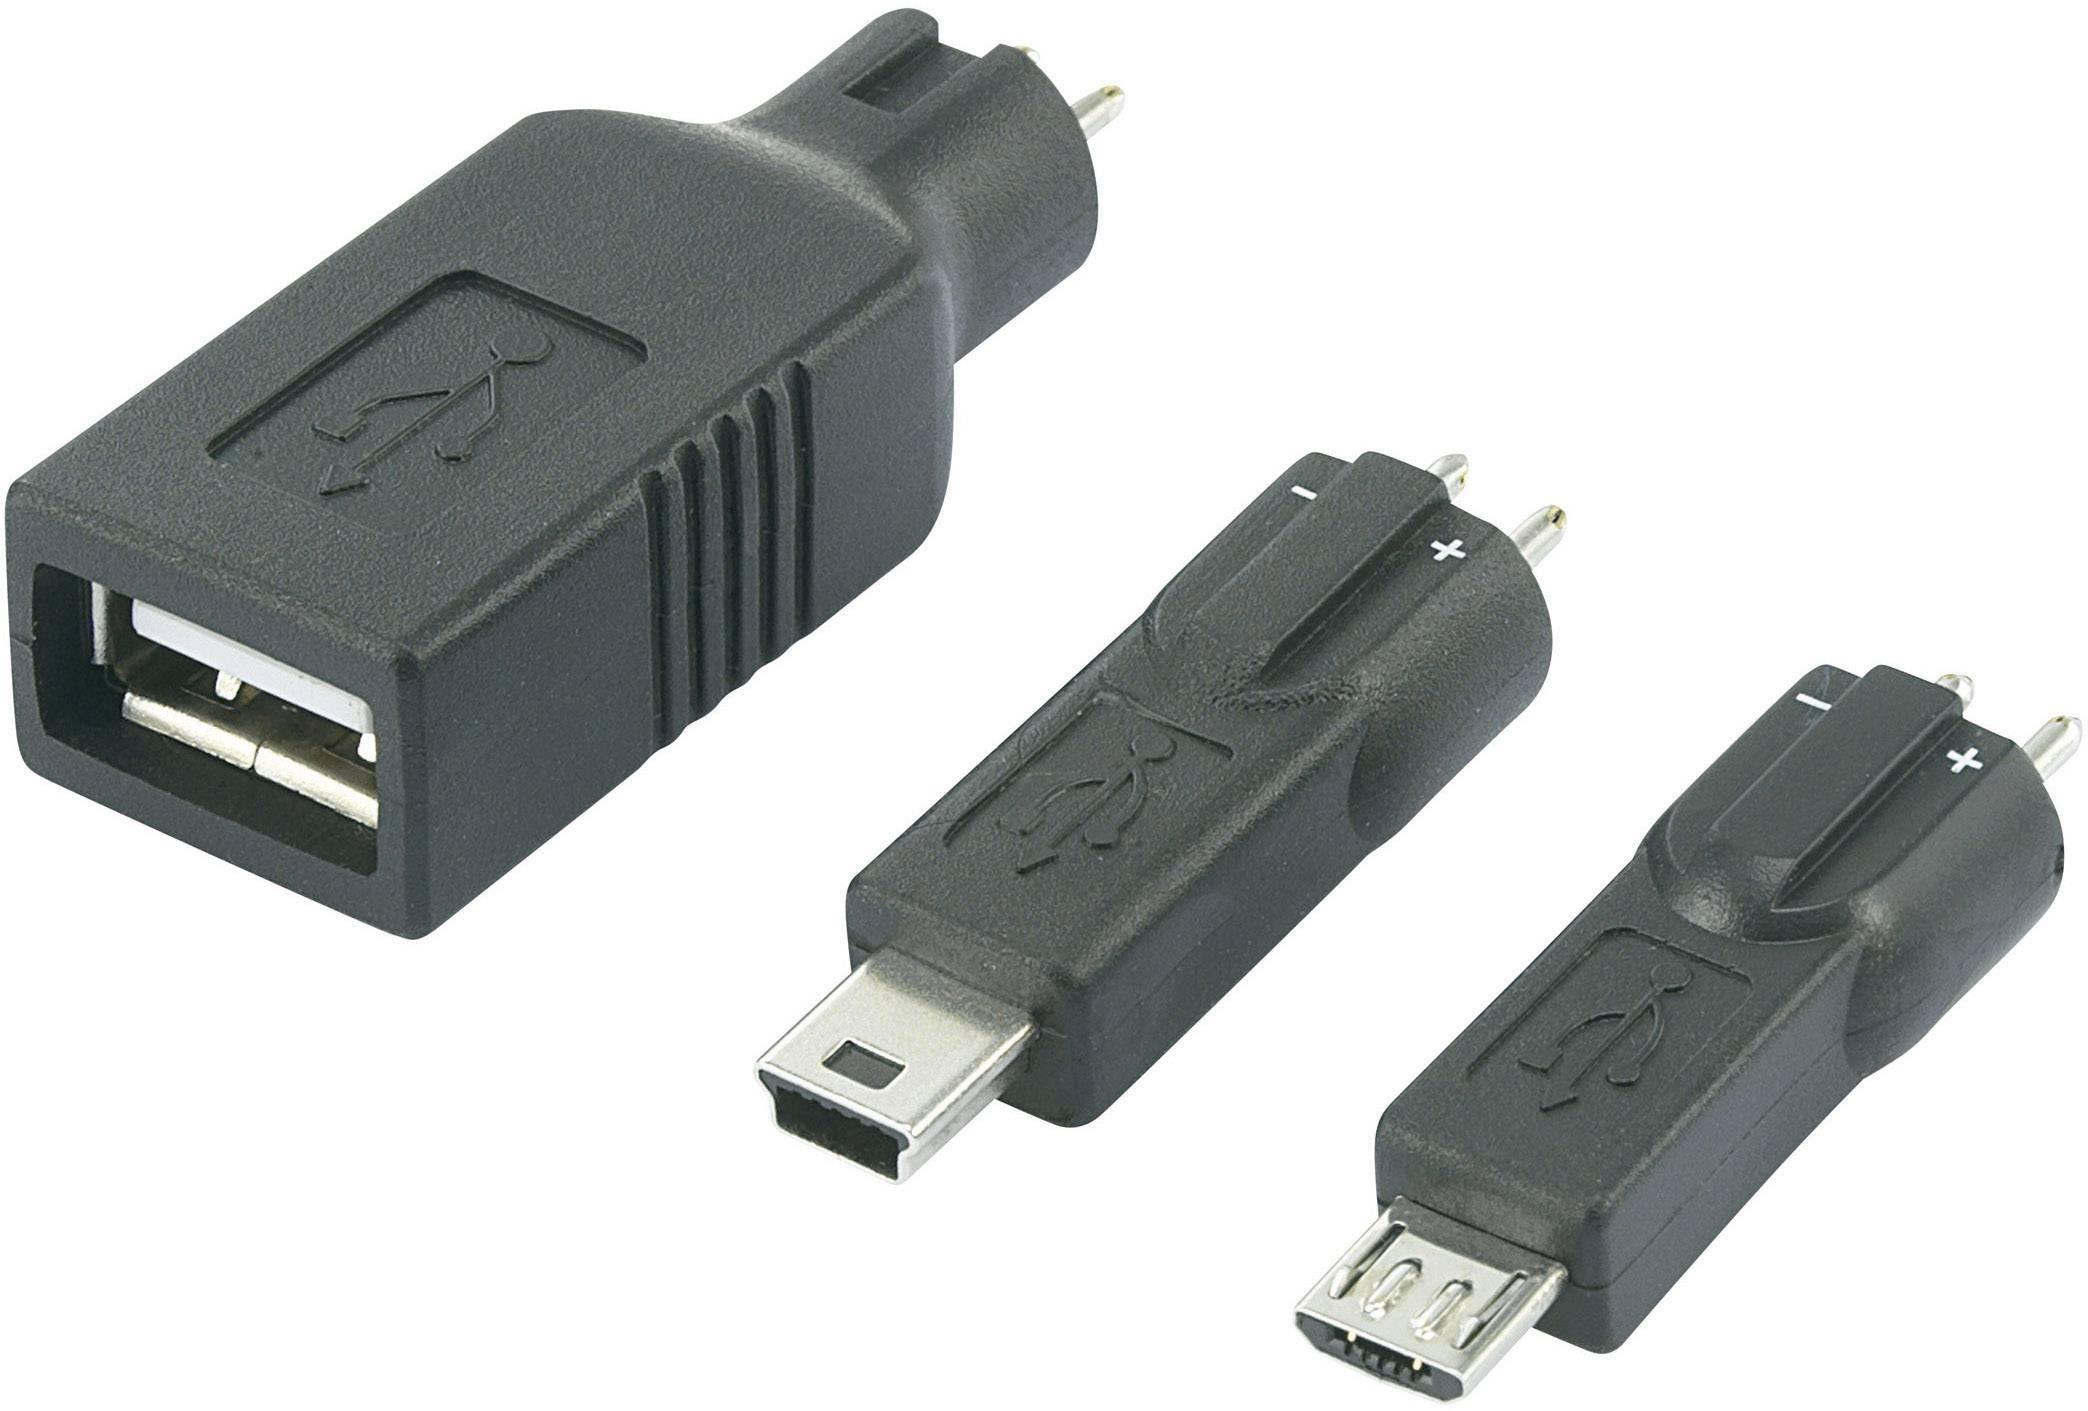 USB, MiniUSB a MicroUSB redukce k síťovým adaptérům Voltcraft